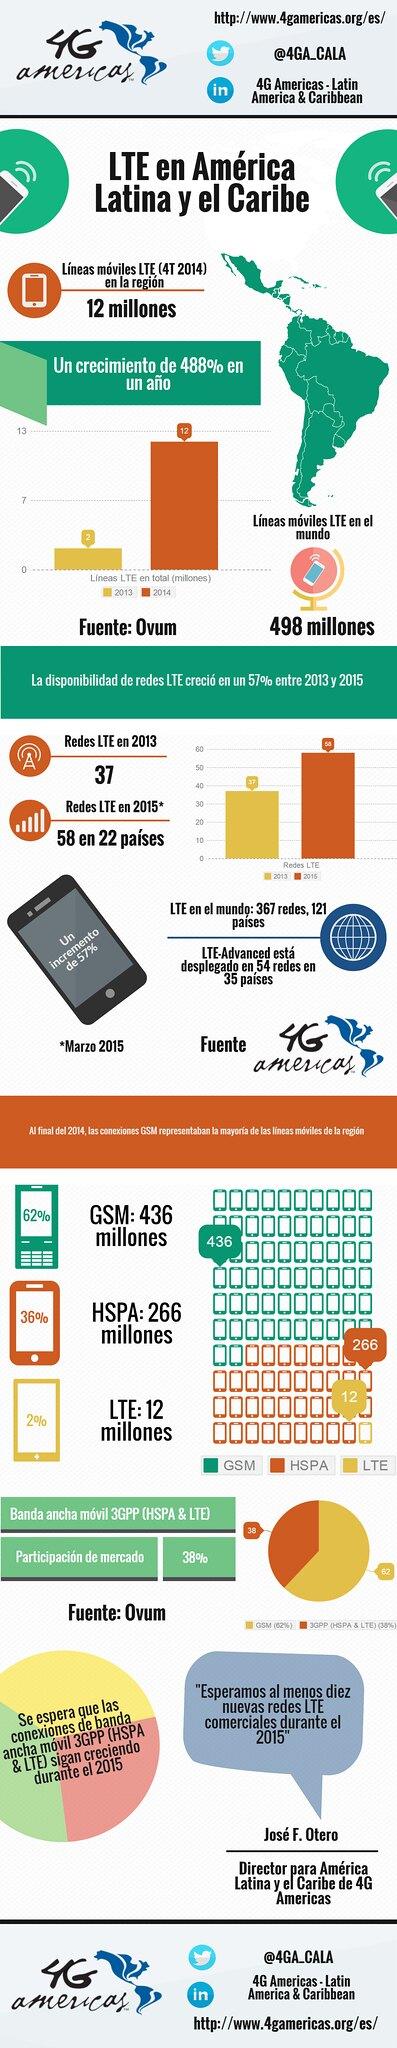 Infografia 4G Americas